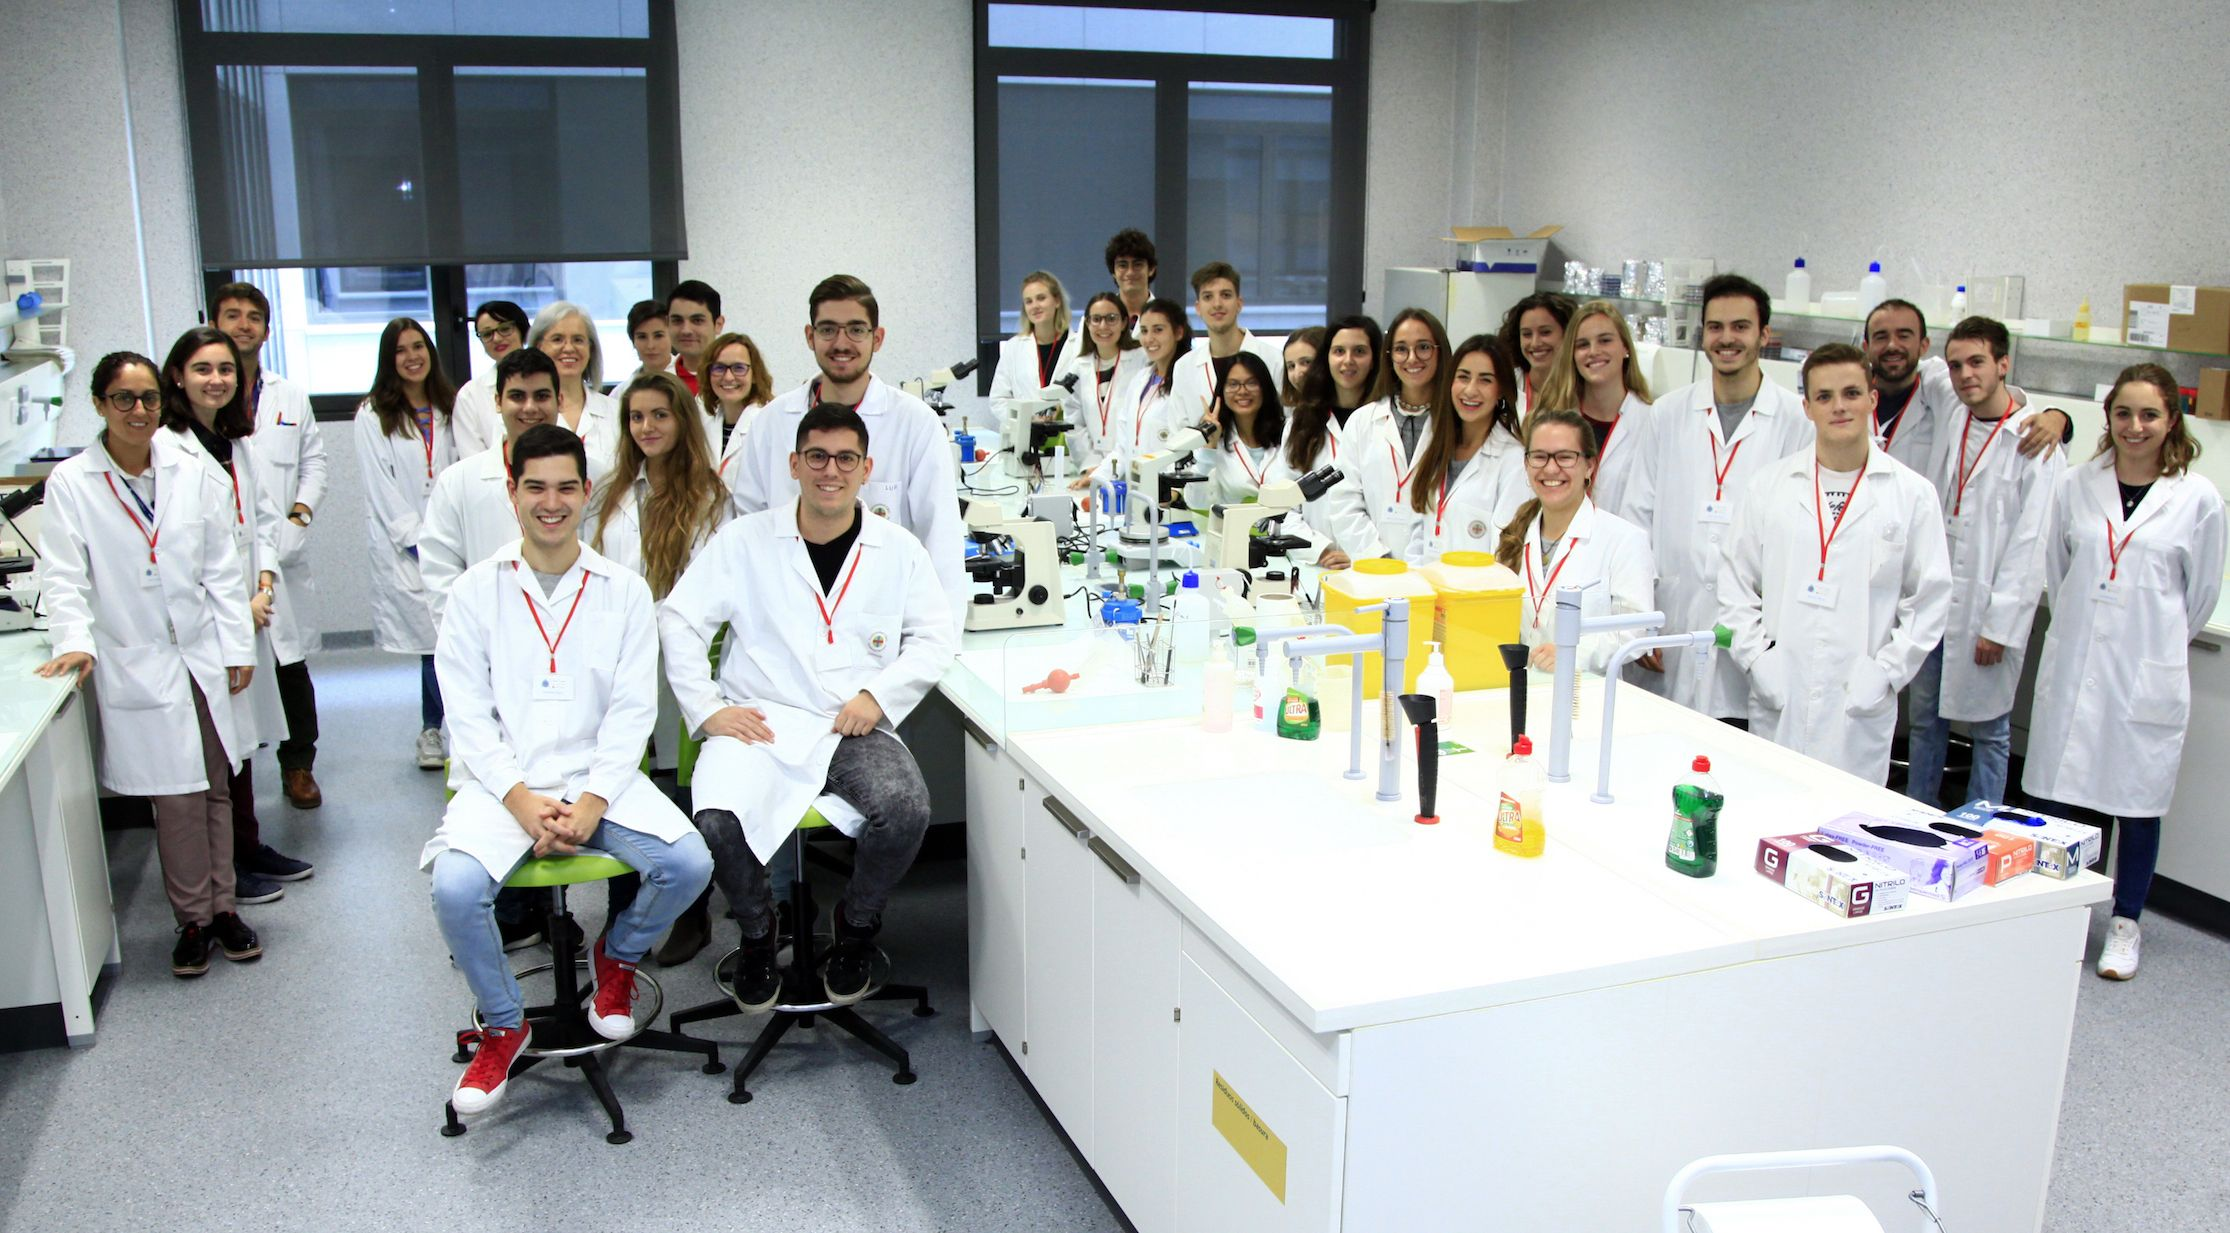 El equipo SWI@CEU de la CEU UCH, autor del decálogo sobre buen uso de los antibióticos premiado por Small World Initiative.